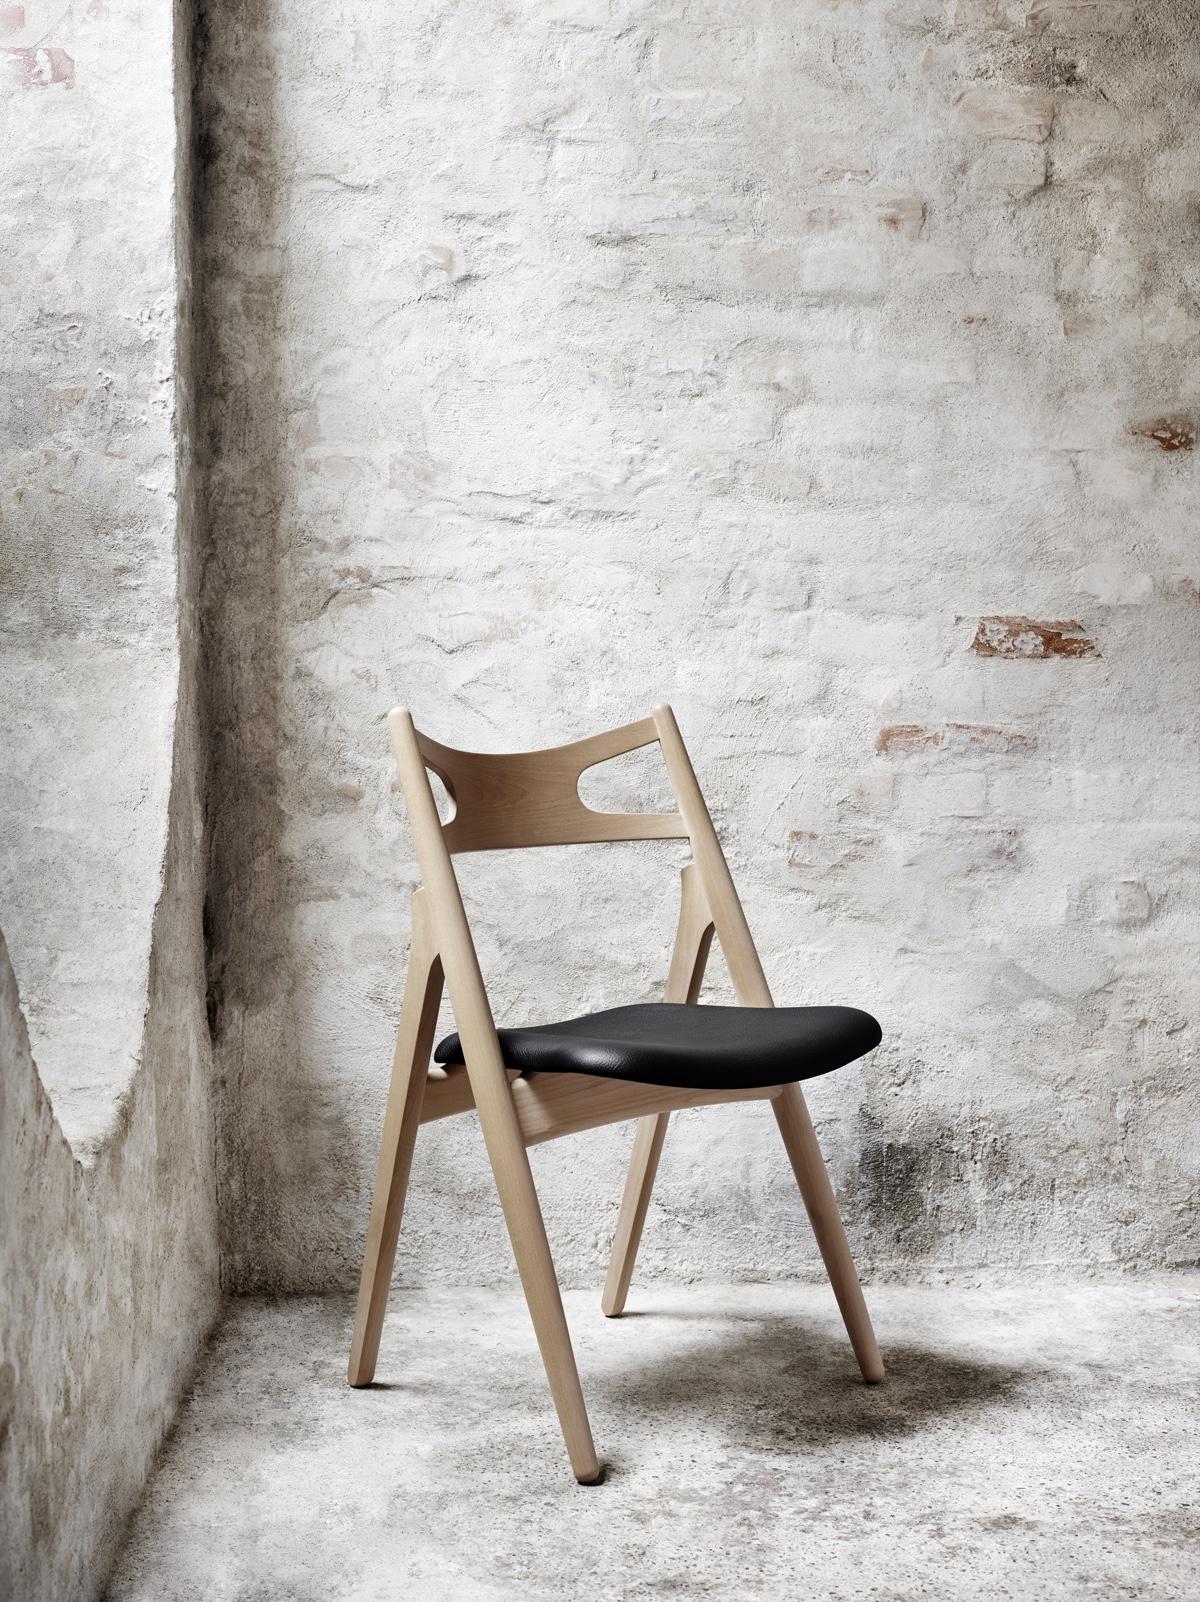 Деревянный стул 50-х годов с необычными ножками